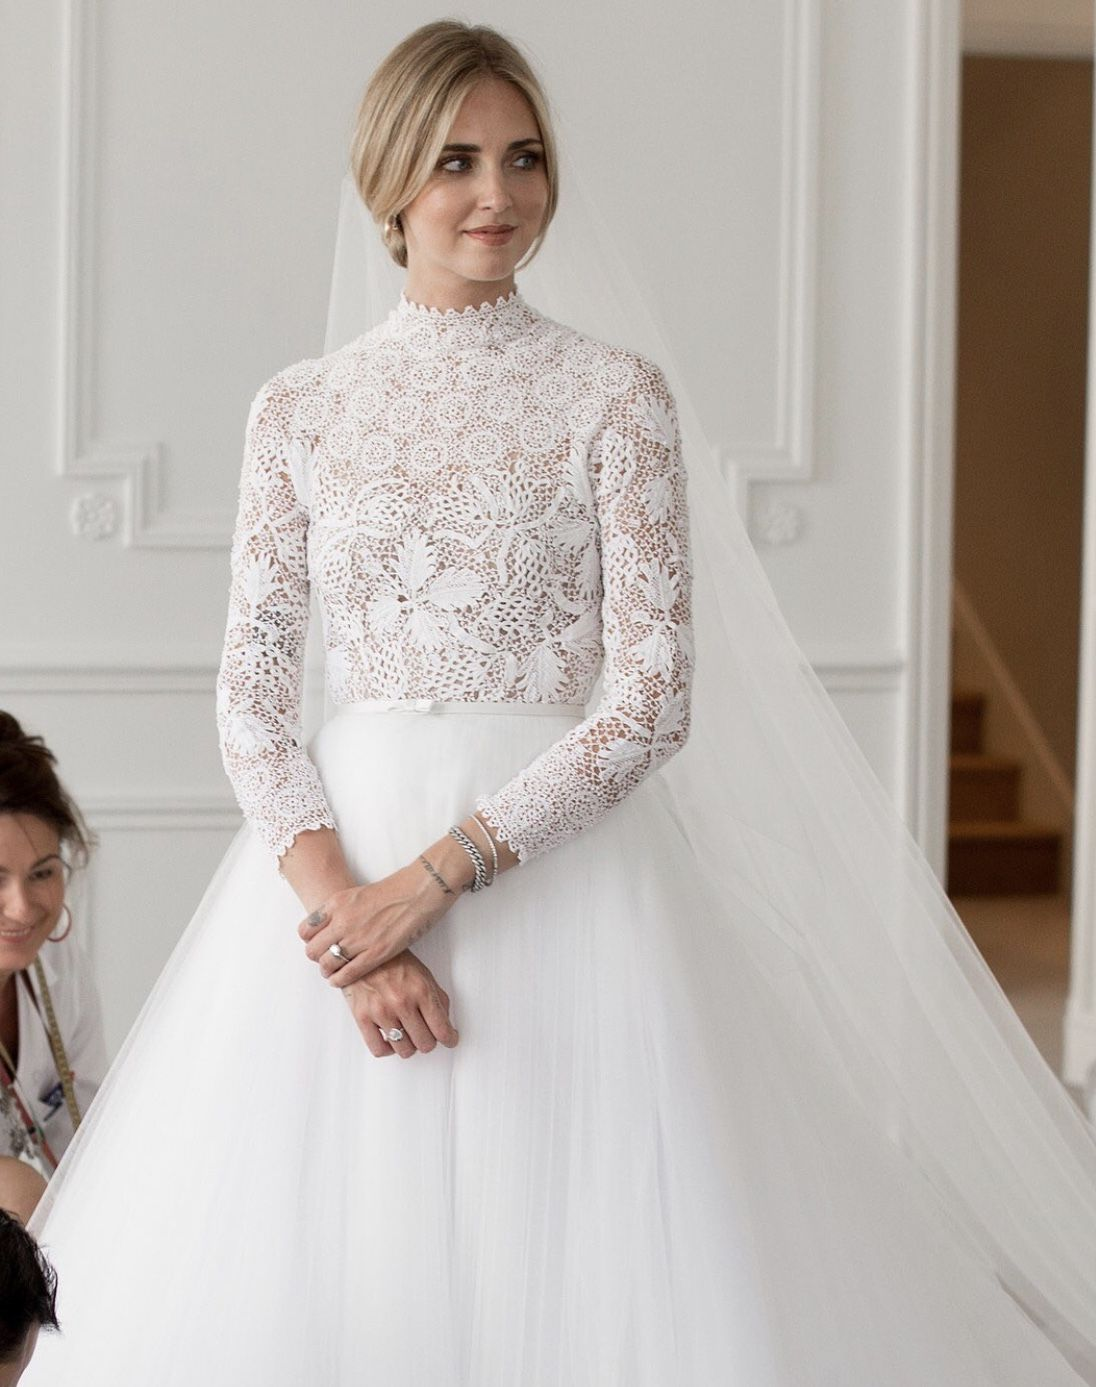 Dior wedding dresses  Chiara Ferragni wedding dress by Dior   Bridal dresses